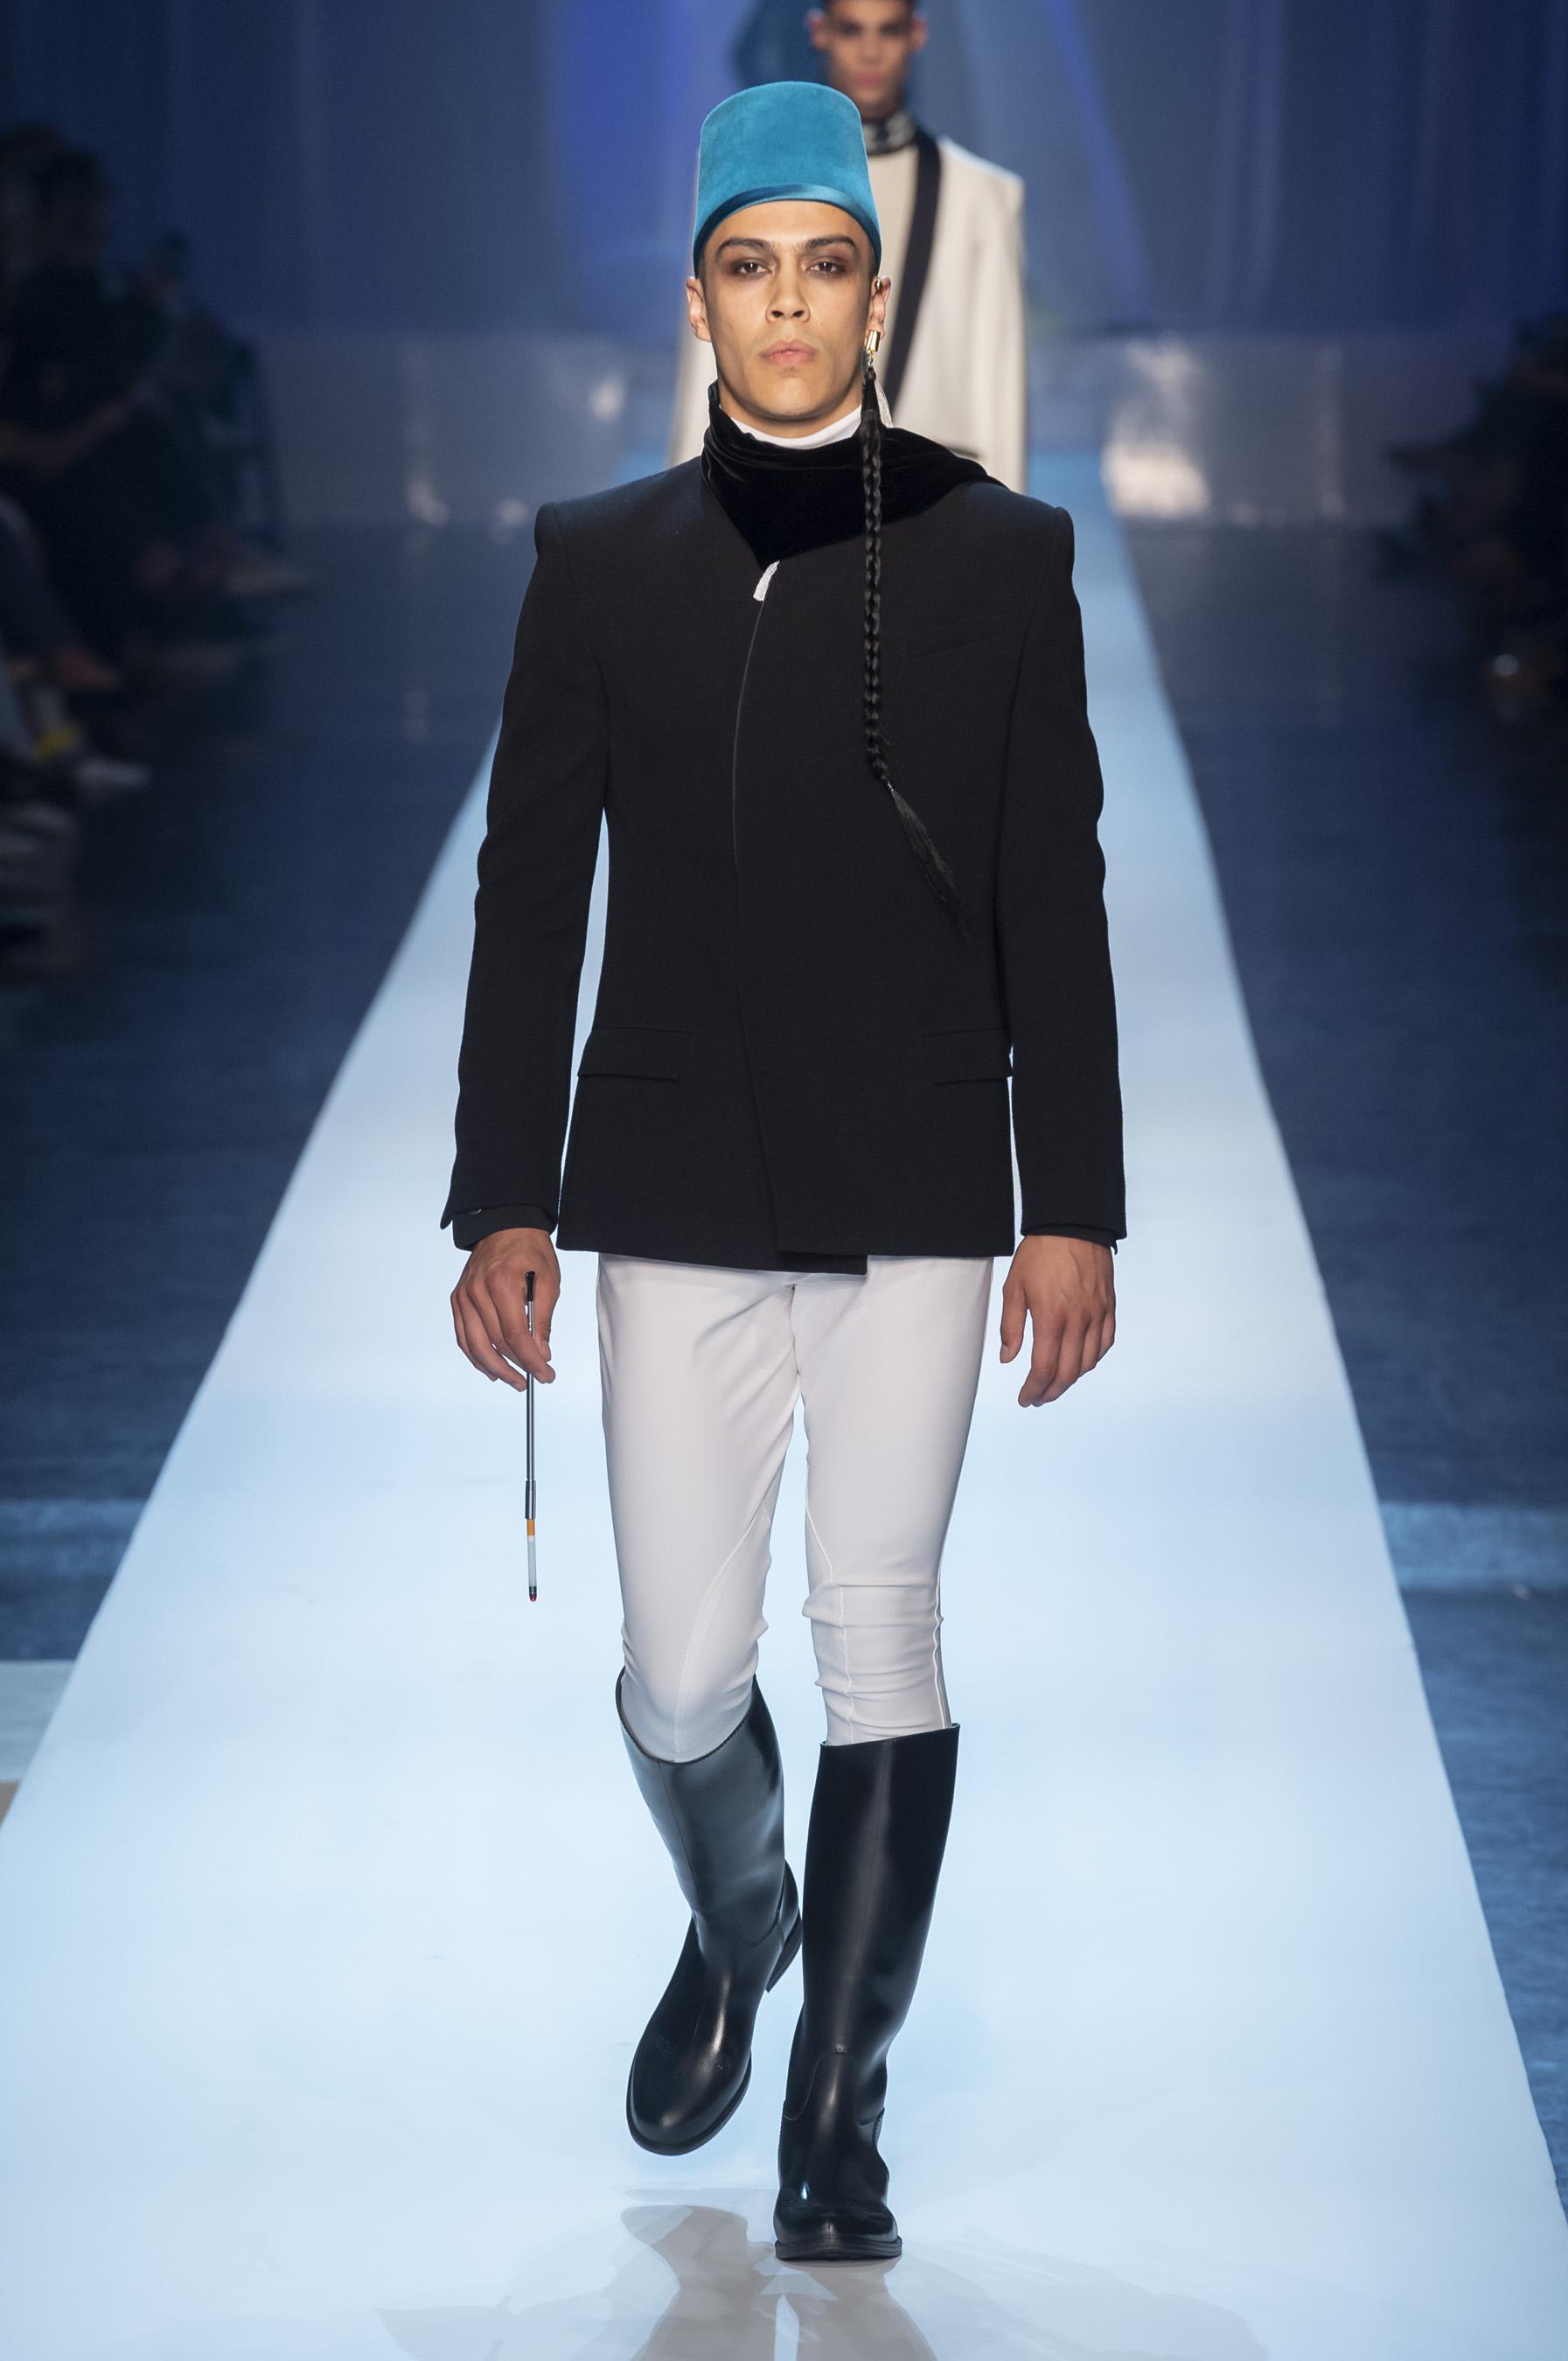 Défilé Jean Paul Gaultier automne-hiver 2018-2019 Couture - Madame ... be8af153ec60